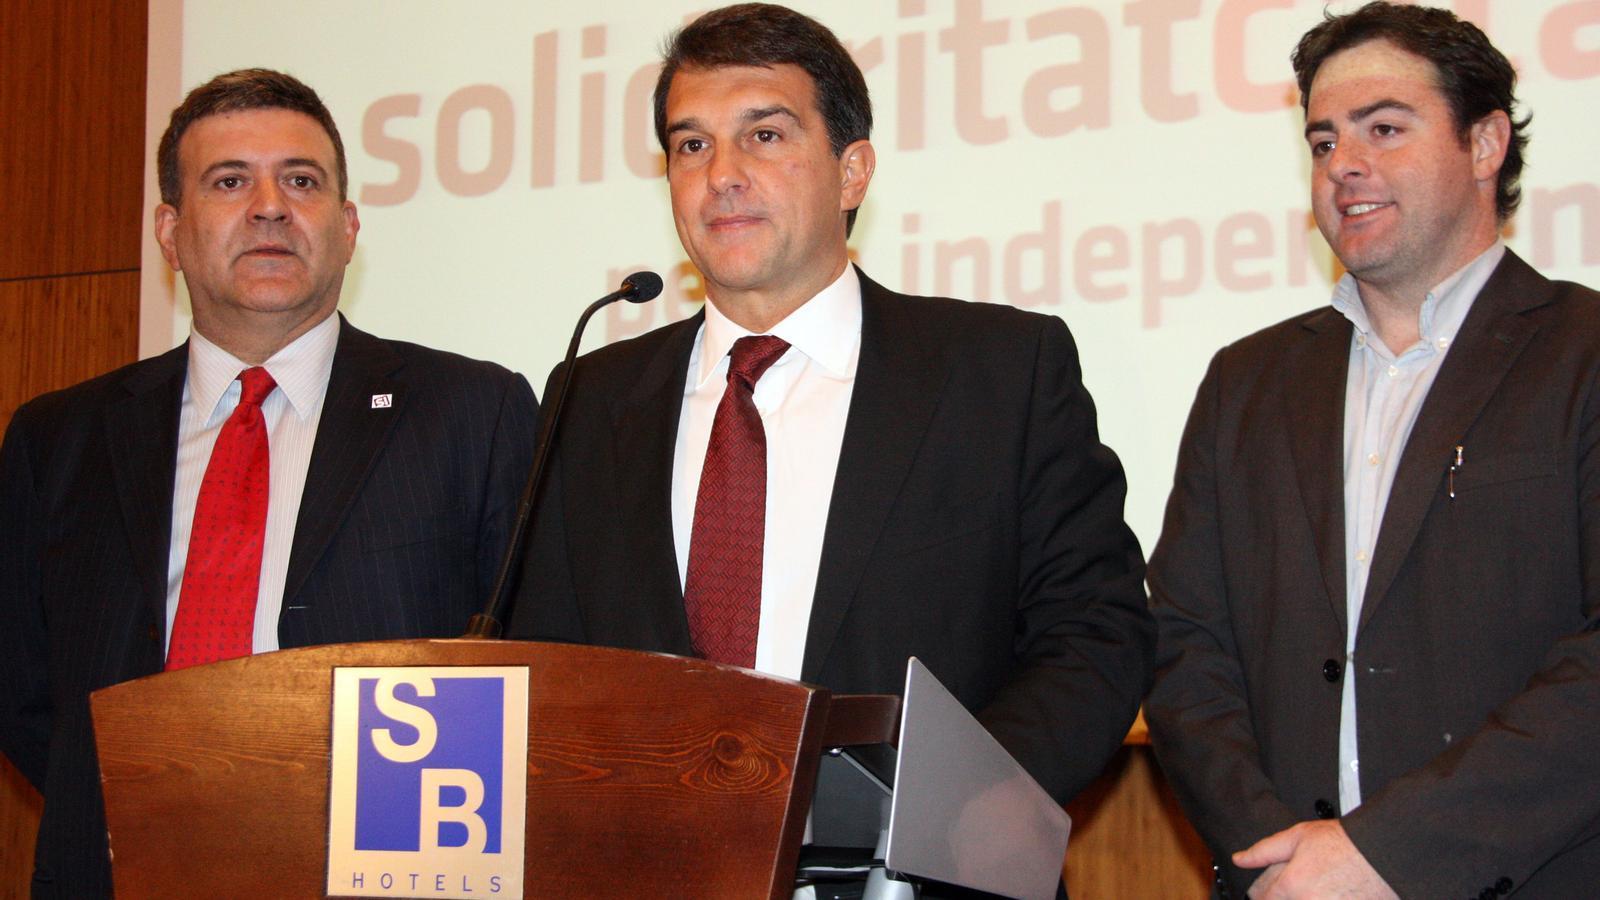 Els dirigents de Solidaritat Catalana per la Independència Joan Laporta, Alfons López Tena i Uriel Betran.